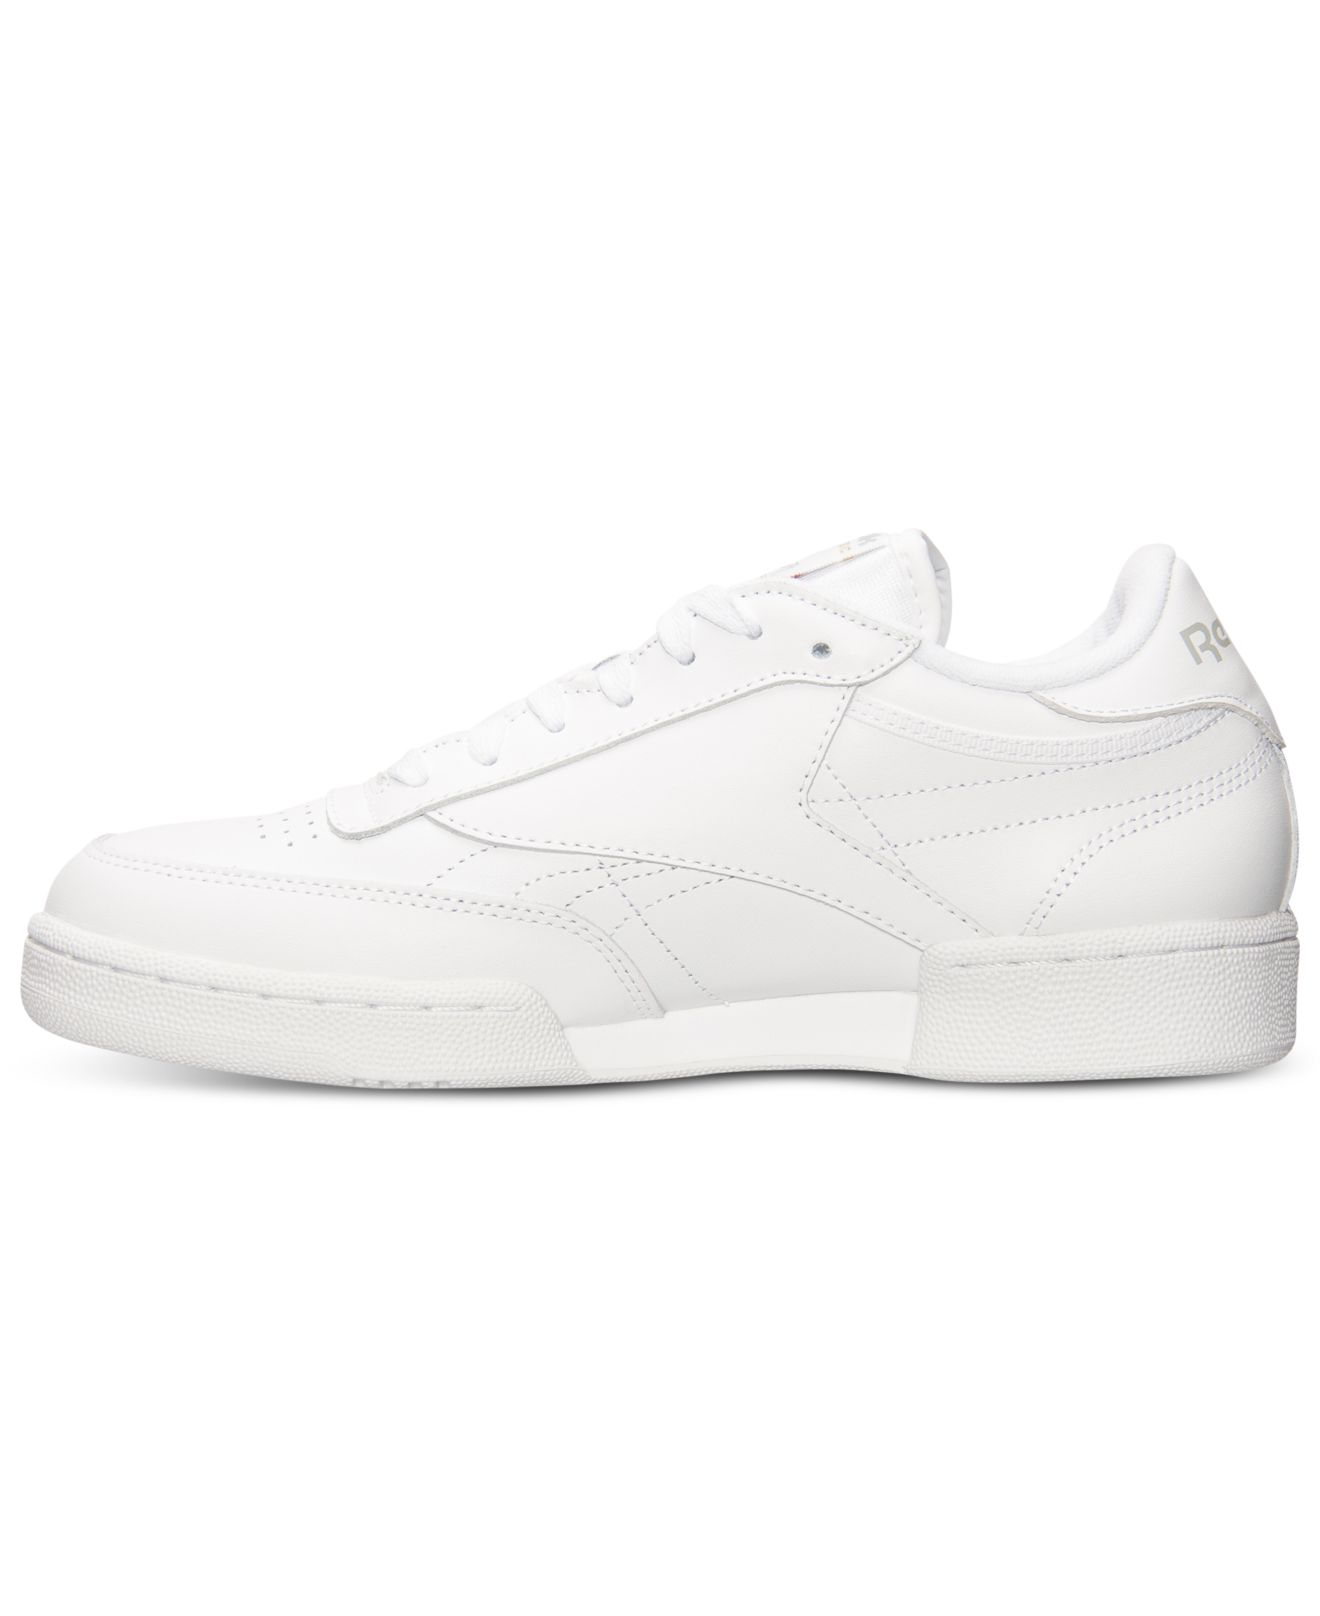 Reebok Wide Shoes Macy S